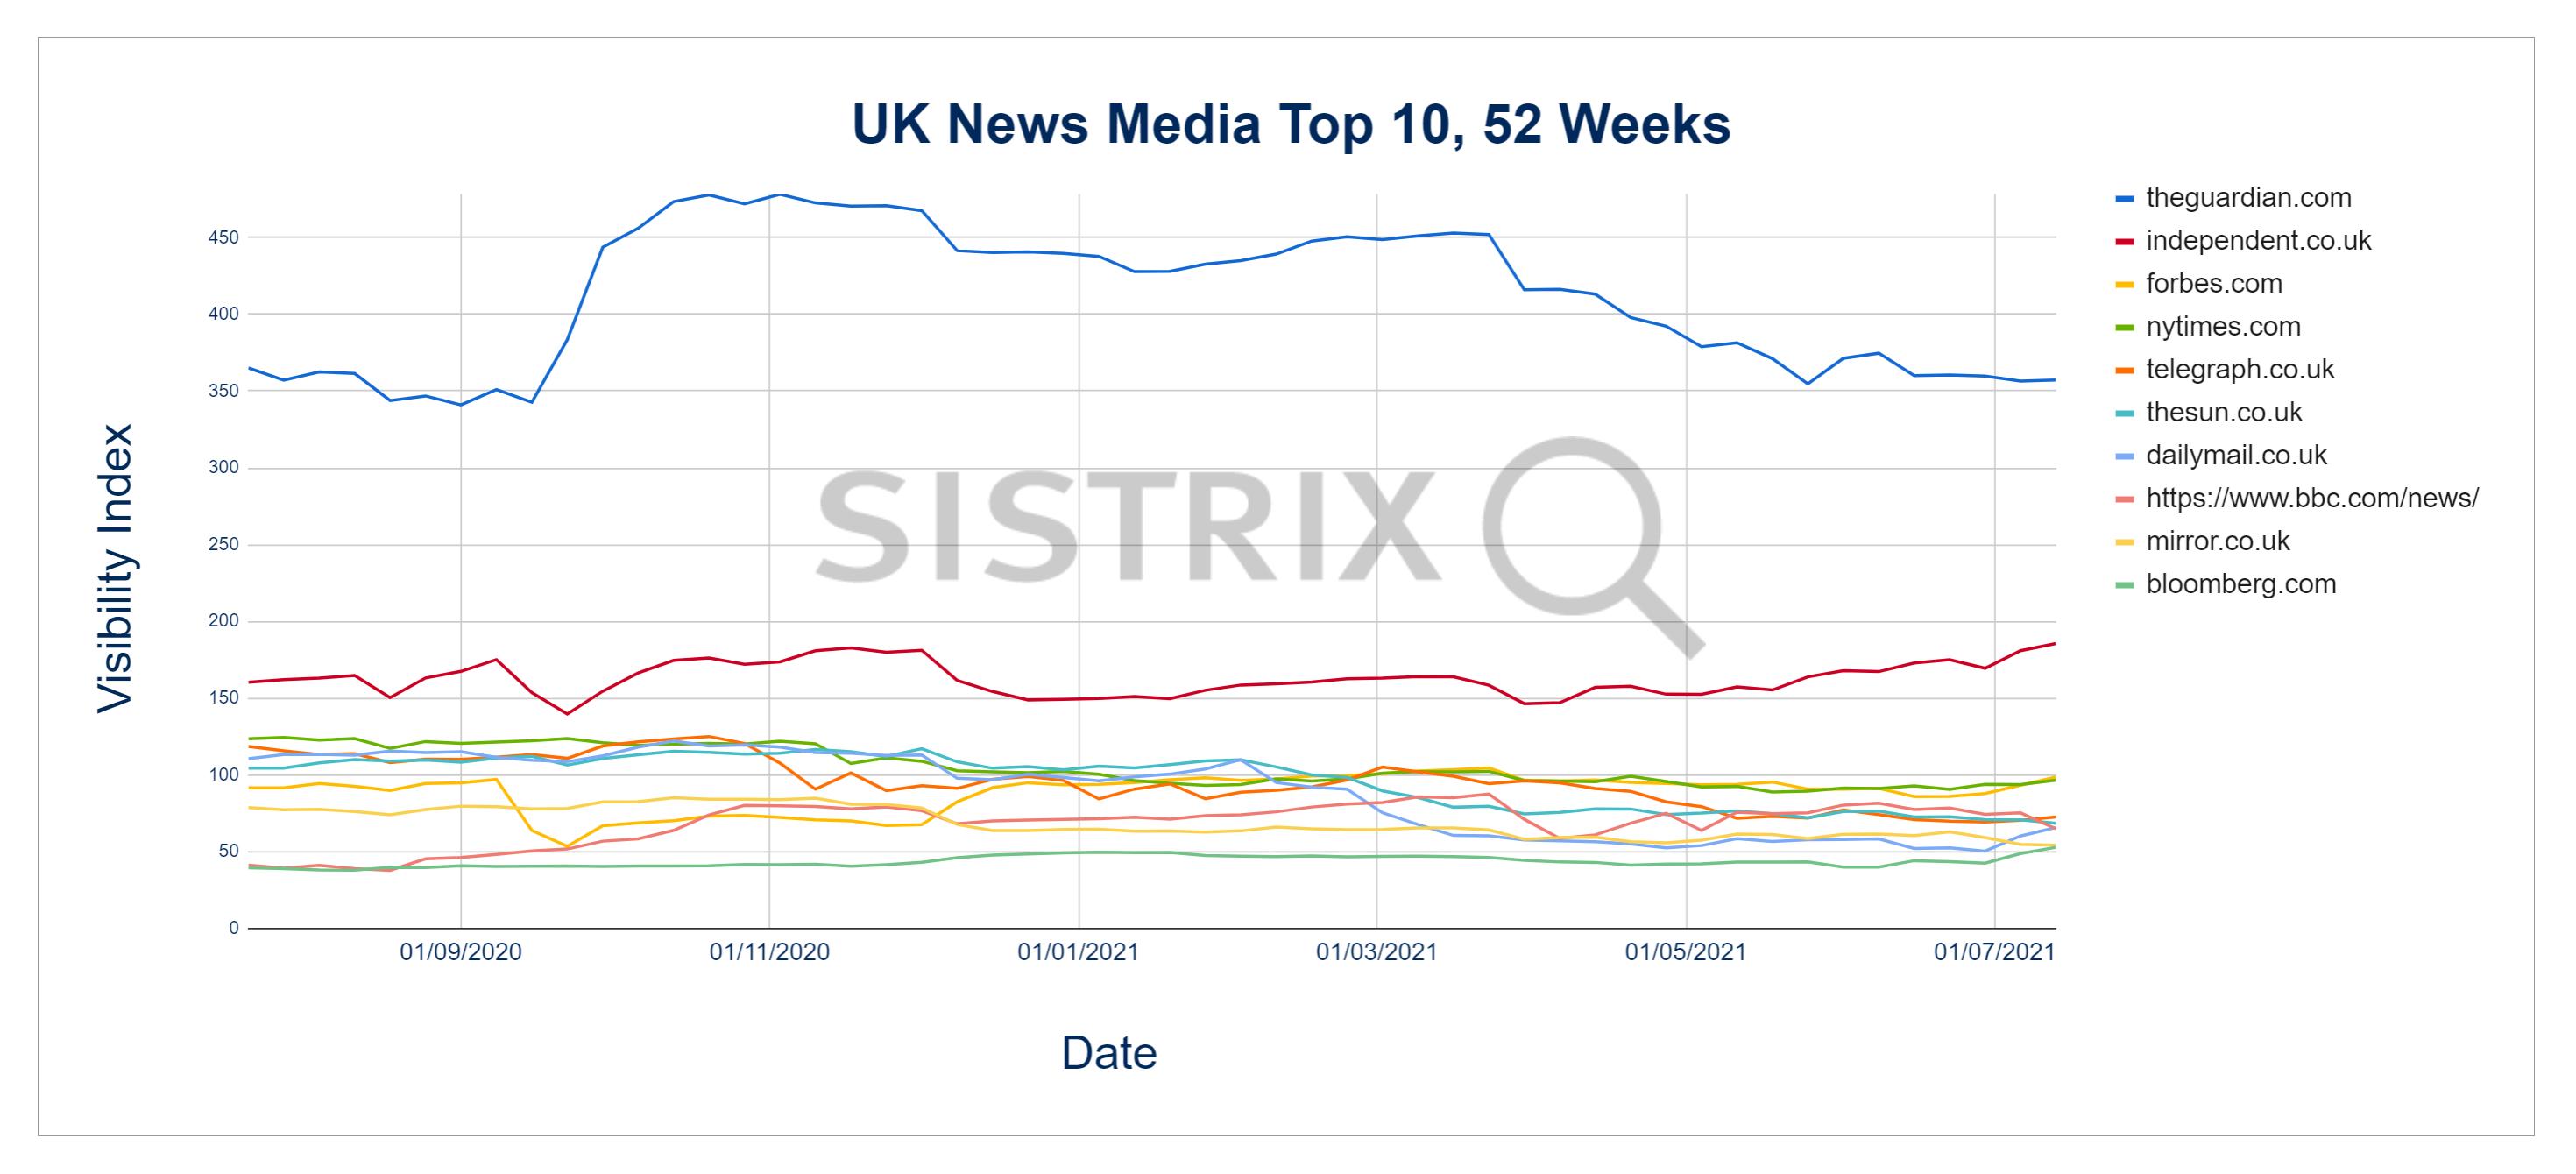 news media sites 52 weeks